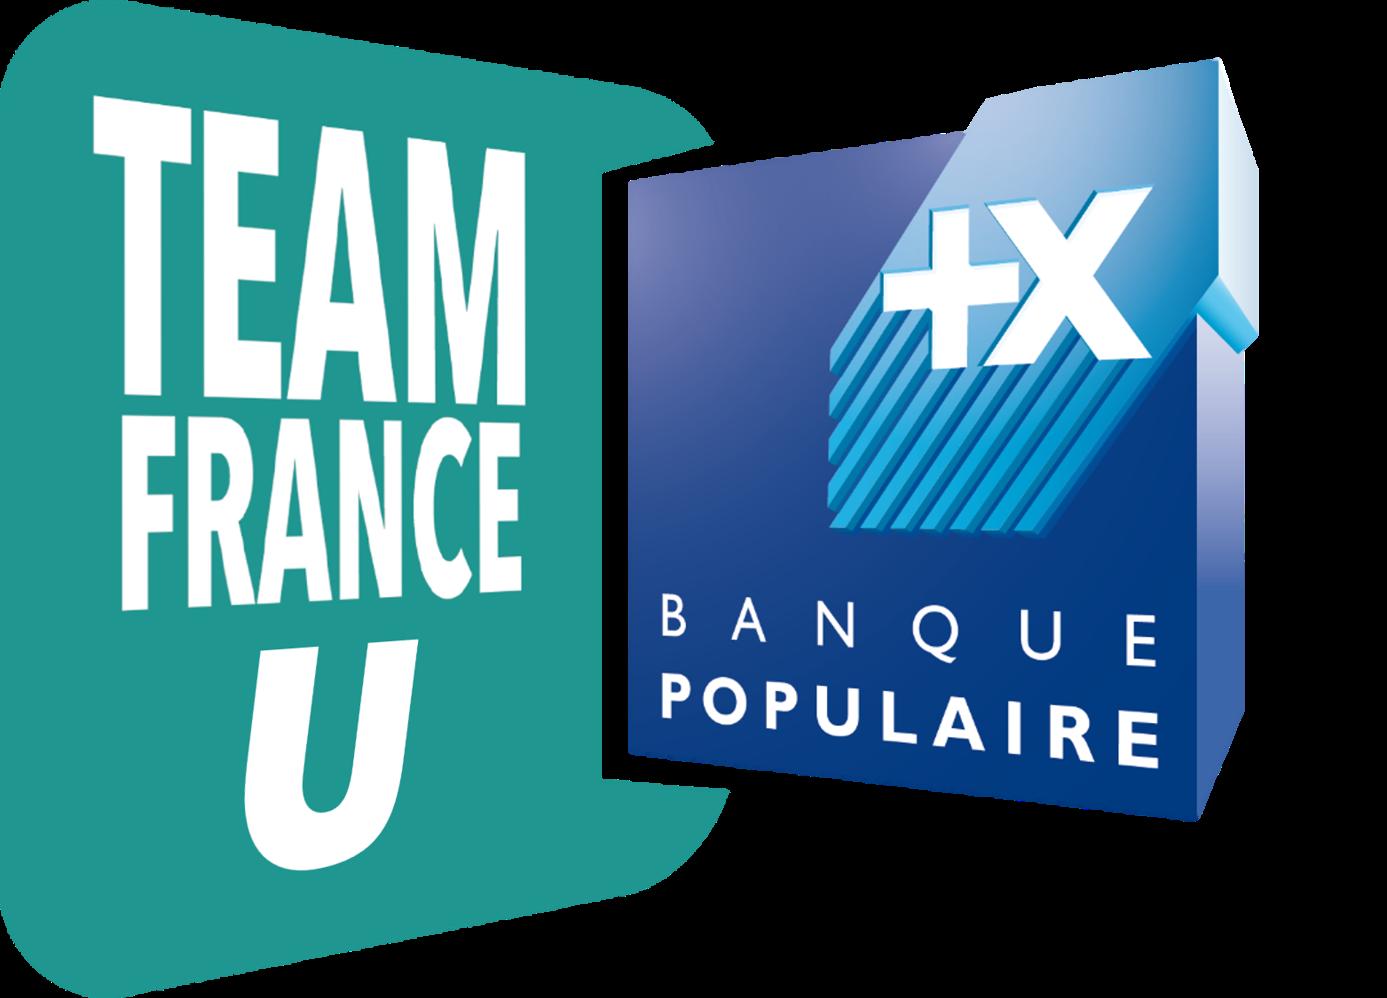 Team Ski Universite Banque Populaire Auvergne Rhone Alpes